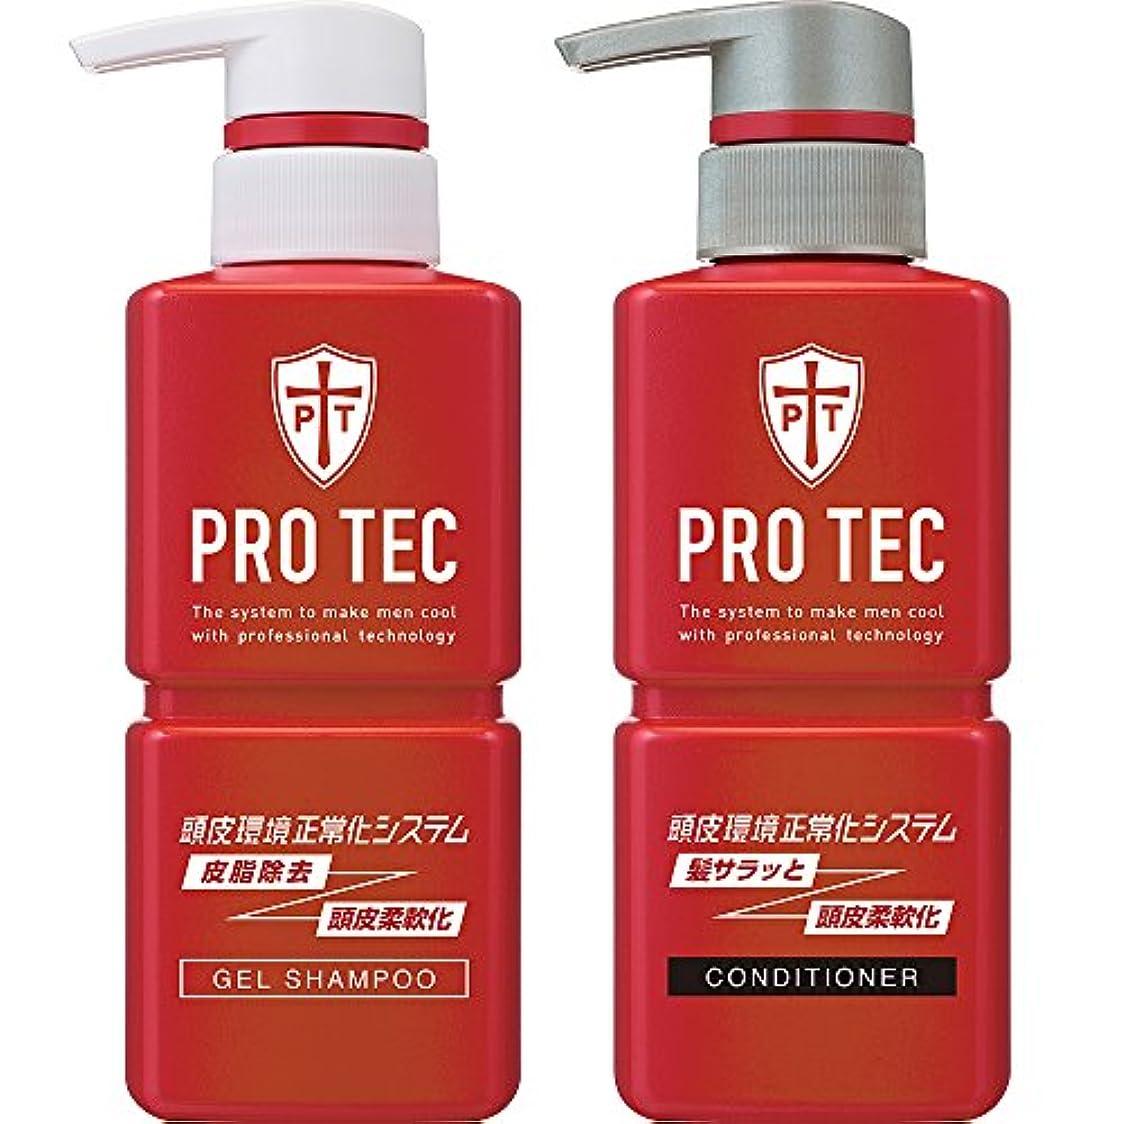 ぴかぴかトイレ発音するPRO TEC(プロテク) 頭皮ストレッチ シャンプー ポンプ 300g(医薬部外品)+ コンディショナー ポンプ 300g